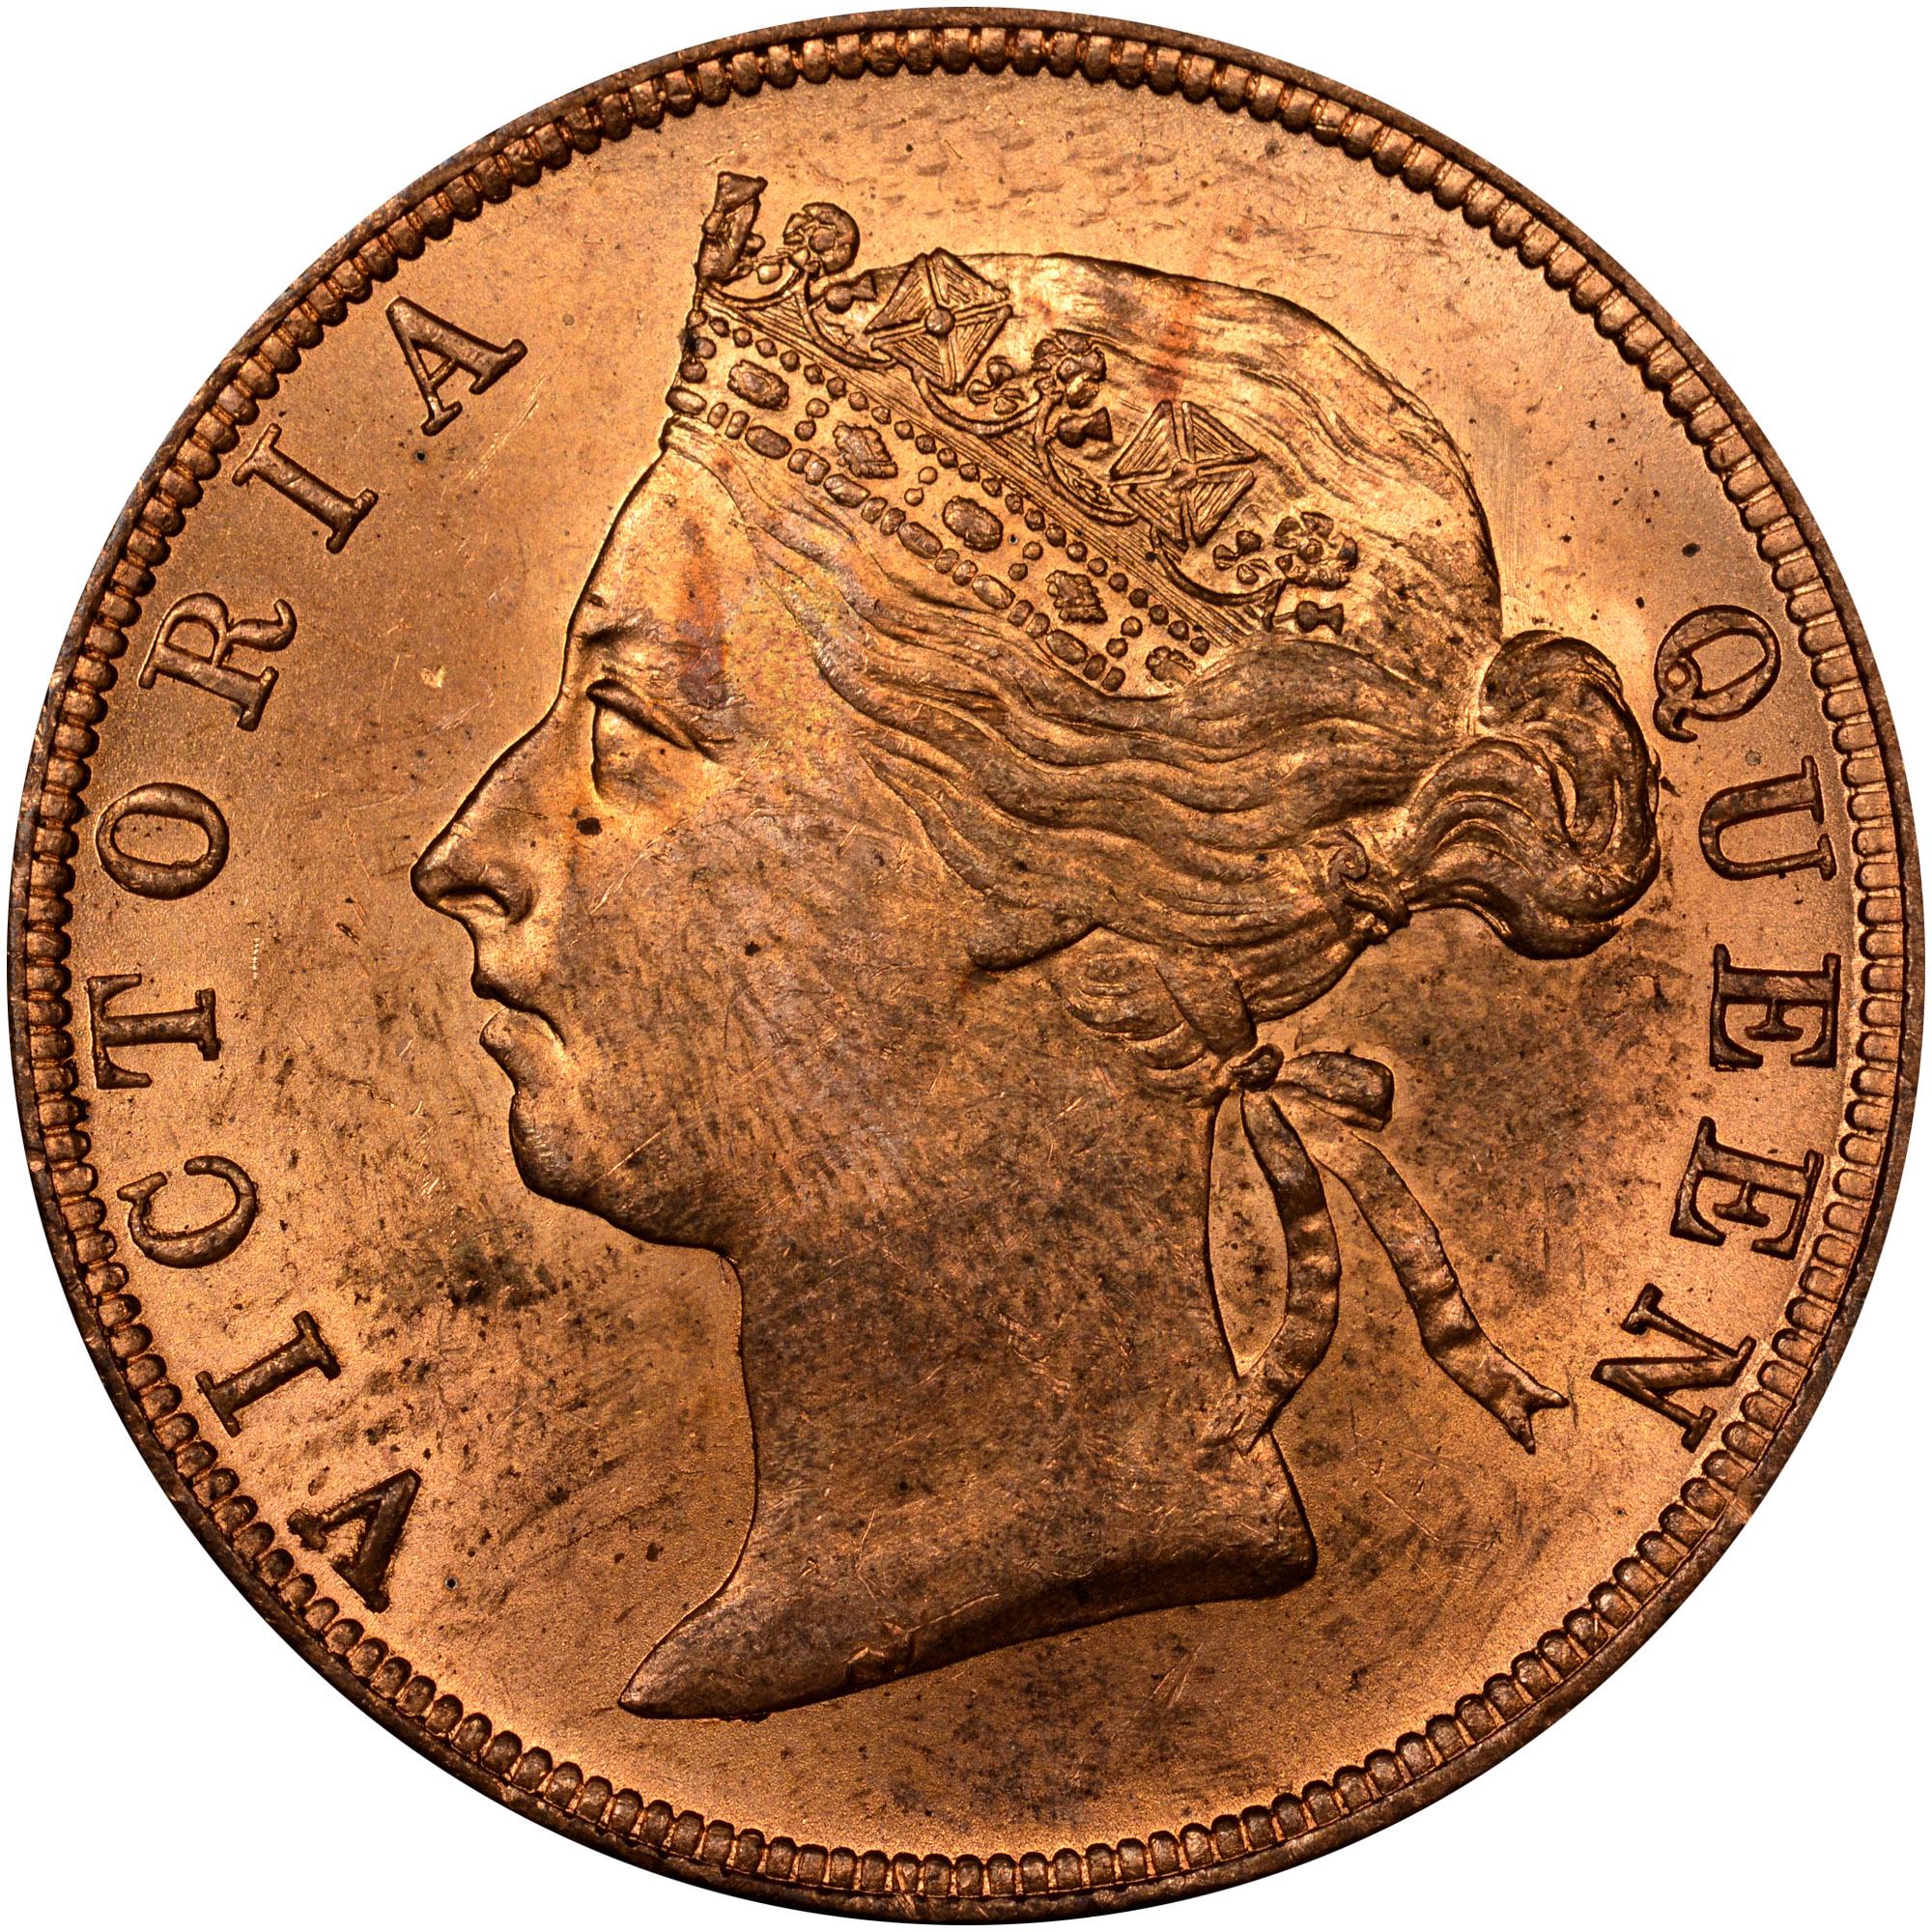 1885-1894 British Honduras Cent obverse